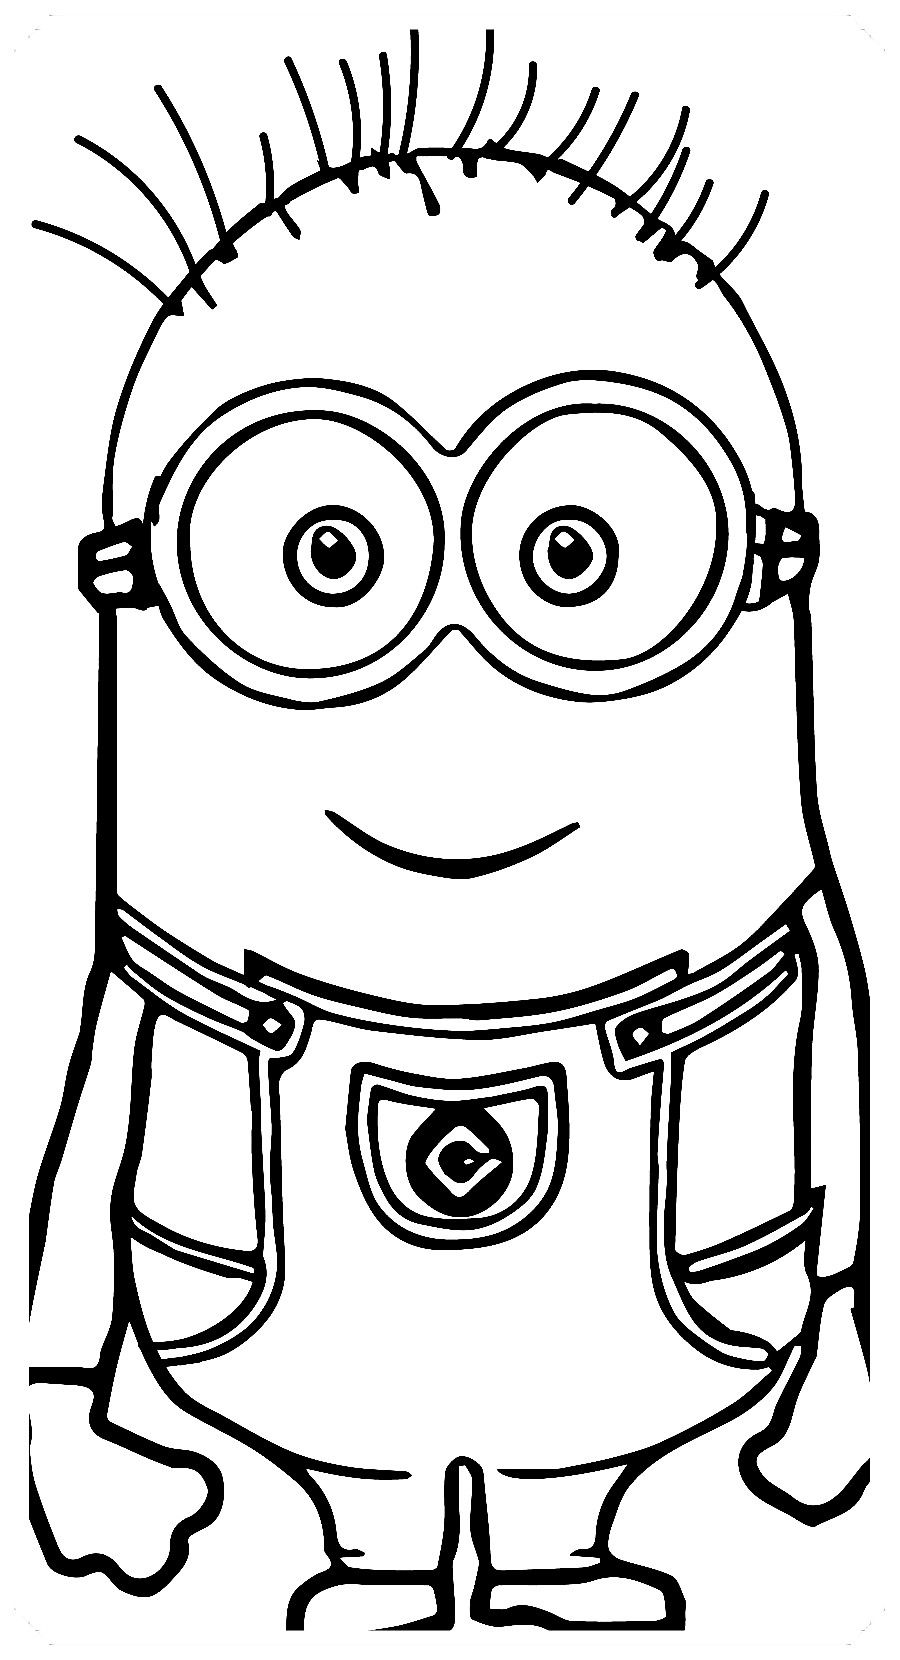 Los Mas Lindos Dibujos De Minions Para Colorear Y Pintar A Todo Color Imagenes Prontas Para Descargar E Minions Dibujos Dibujos Para Colorear Minions Dibujos